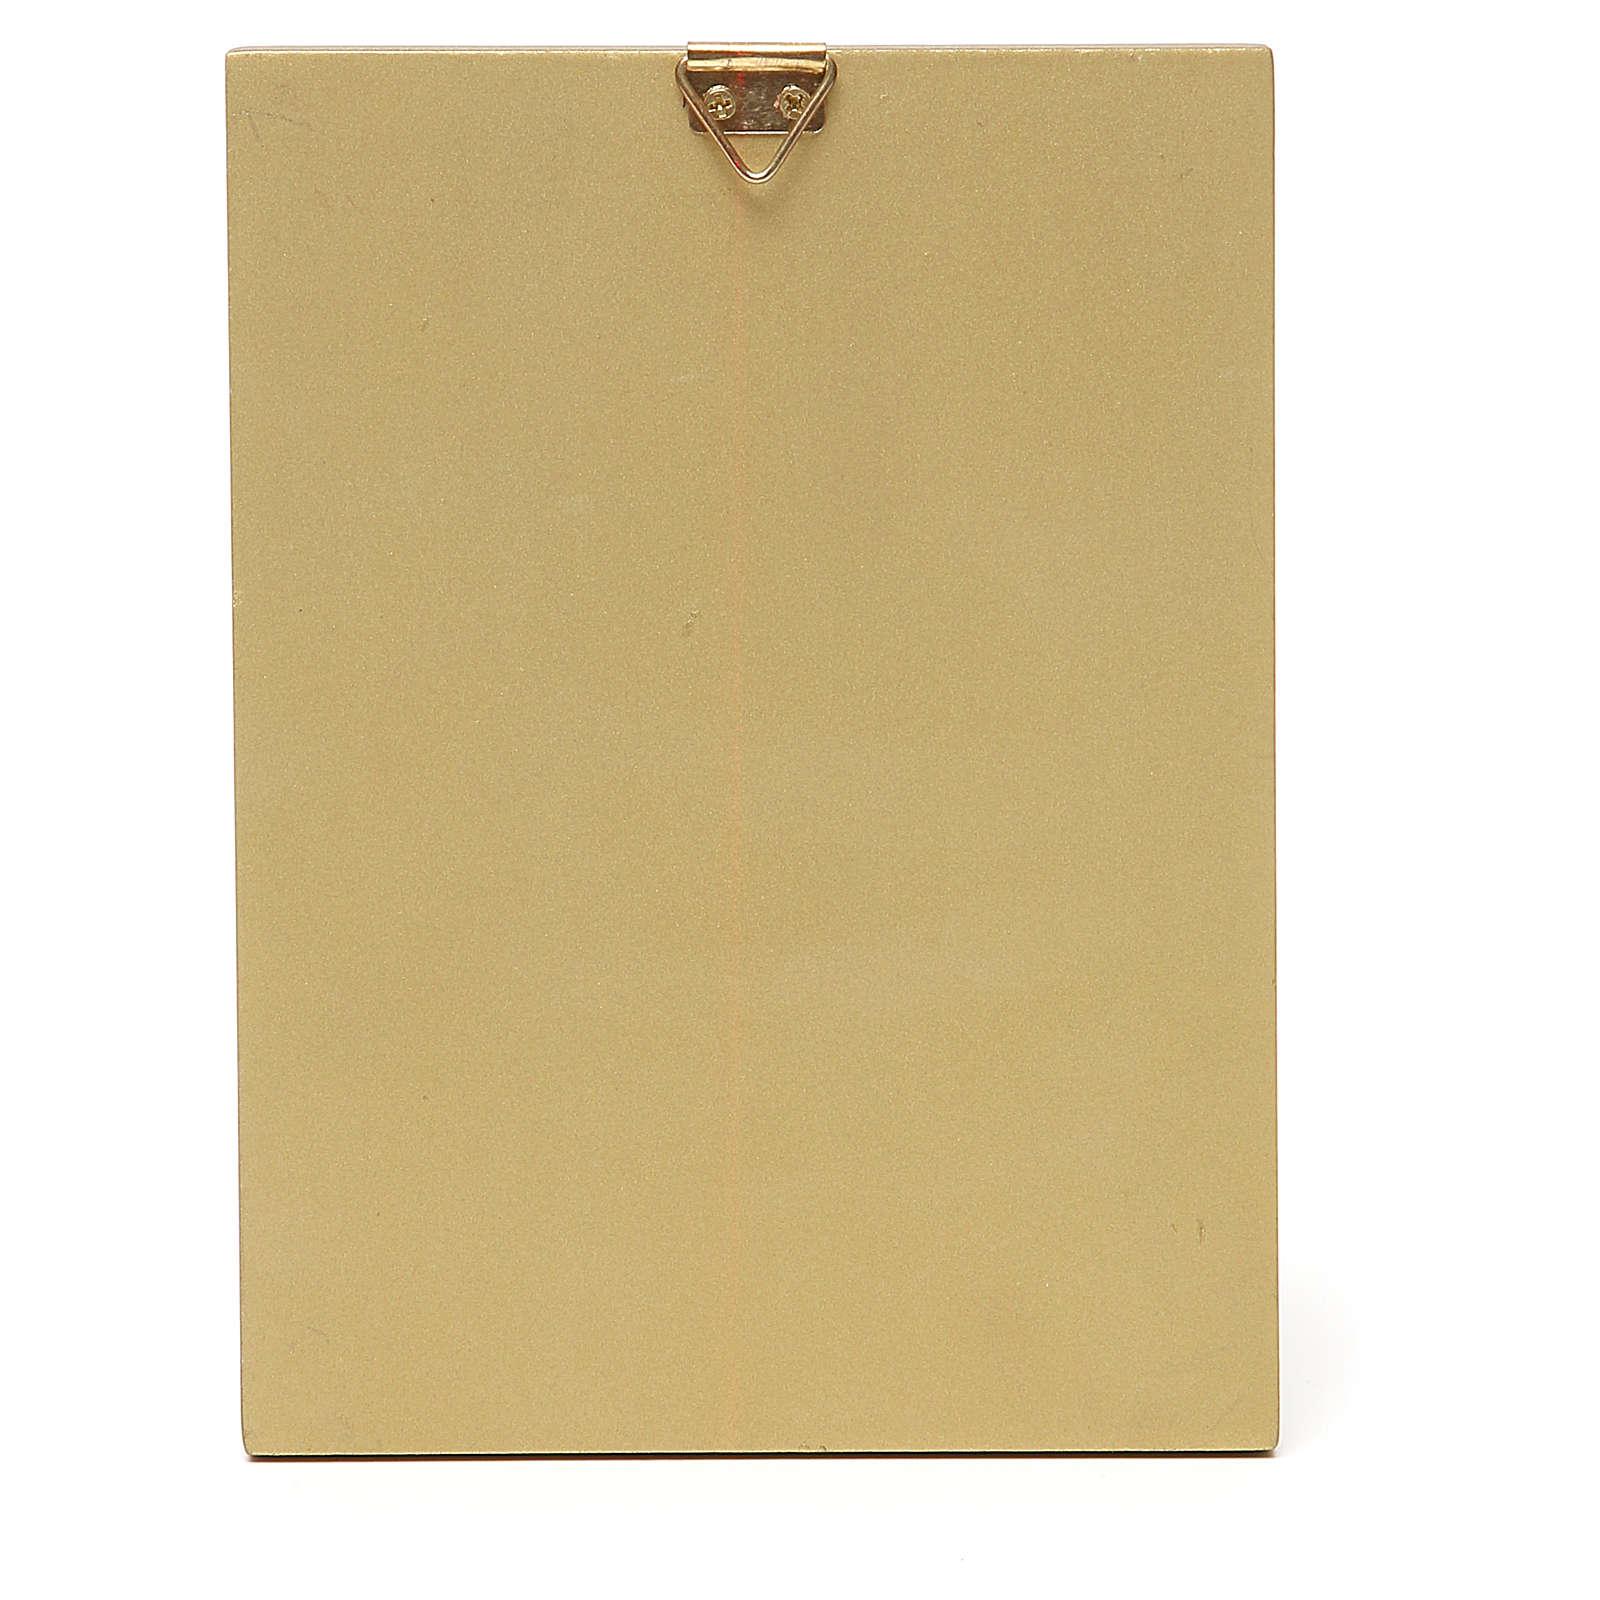 STOCK Quadretto Madonna Tenerezza bordo oro 14x11 cm 3